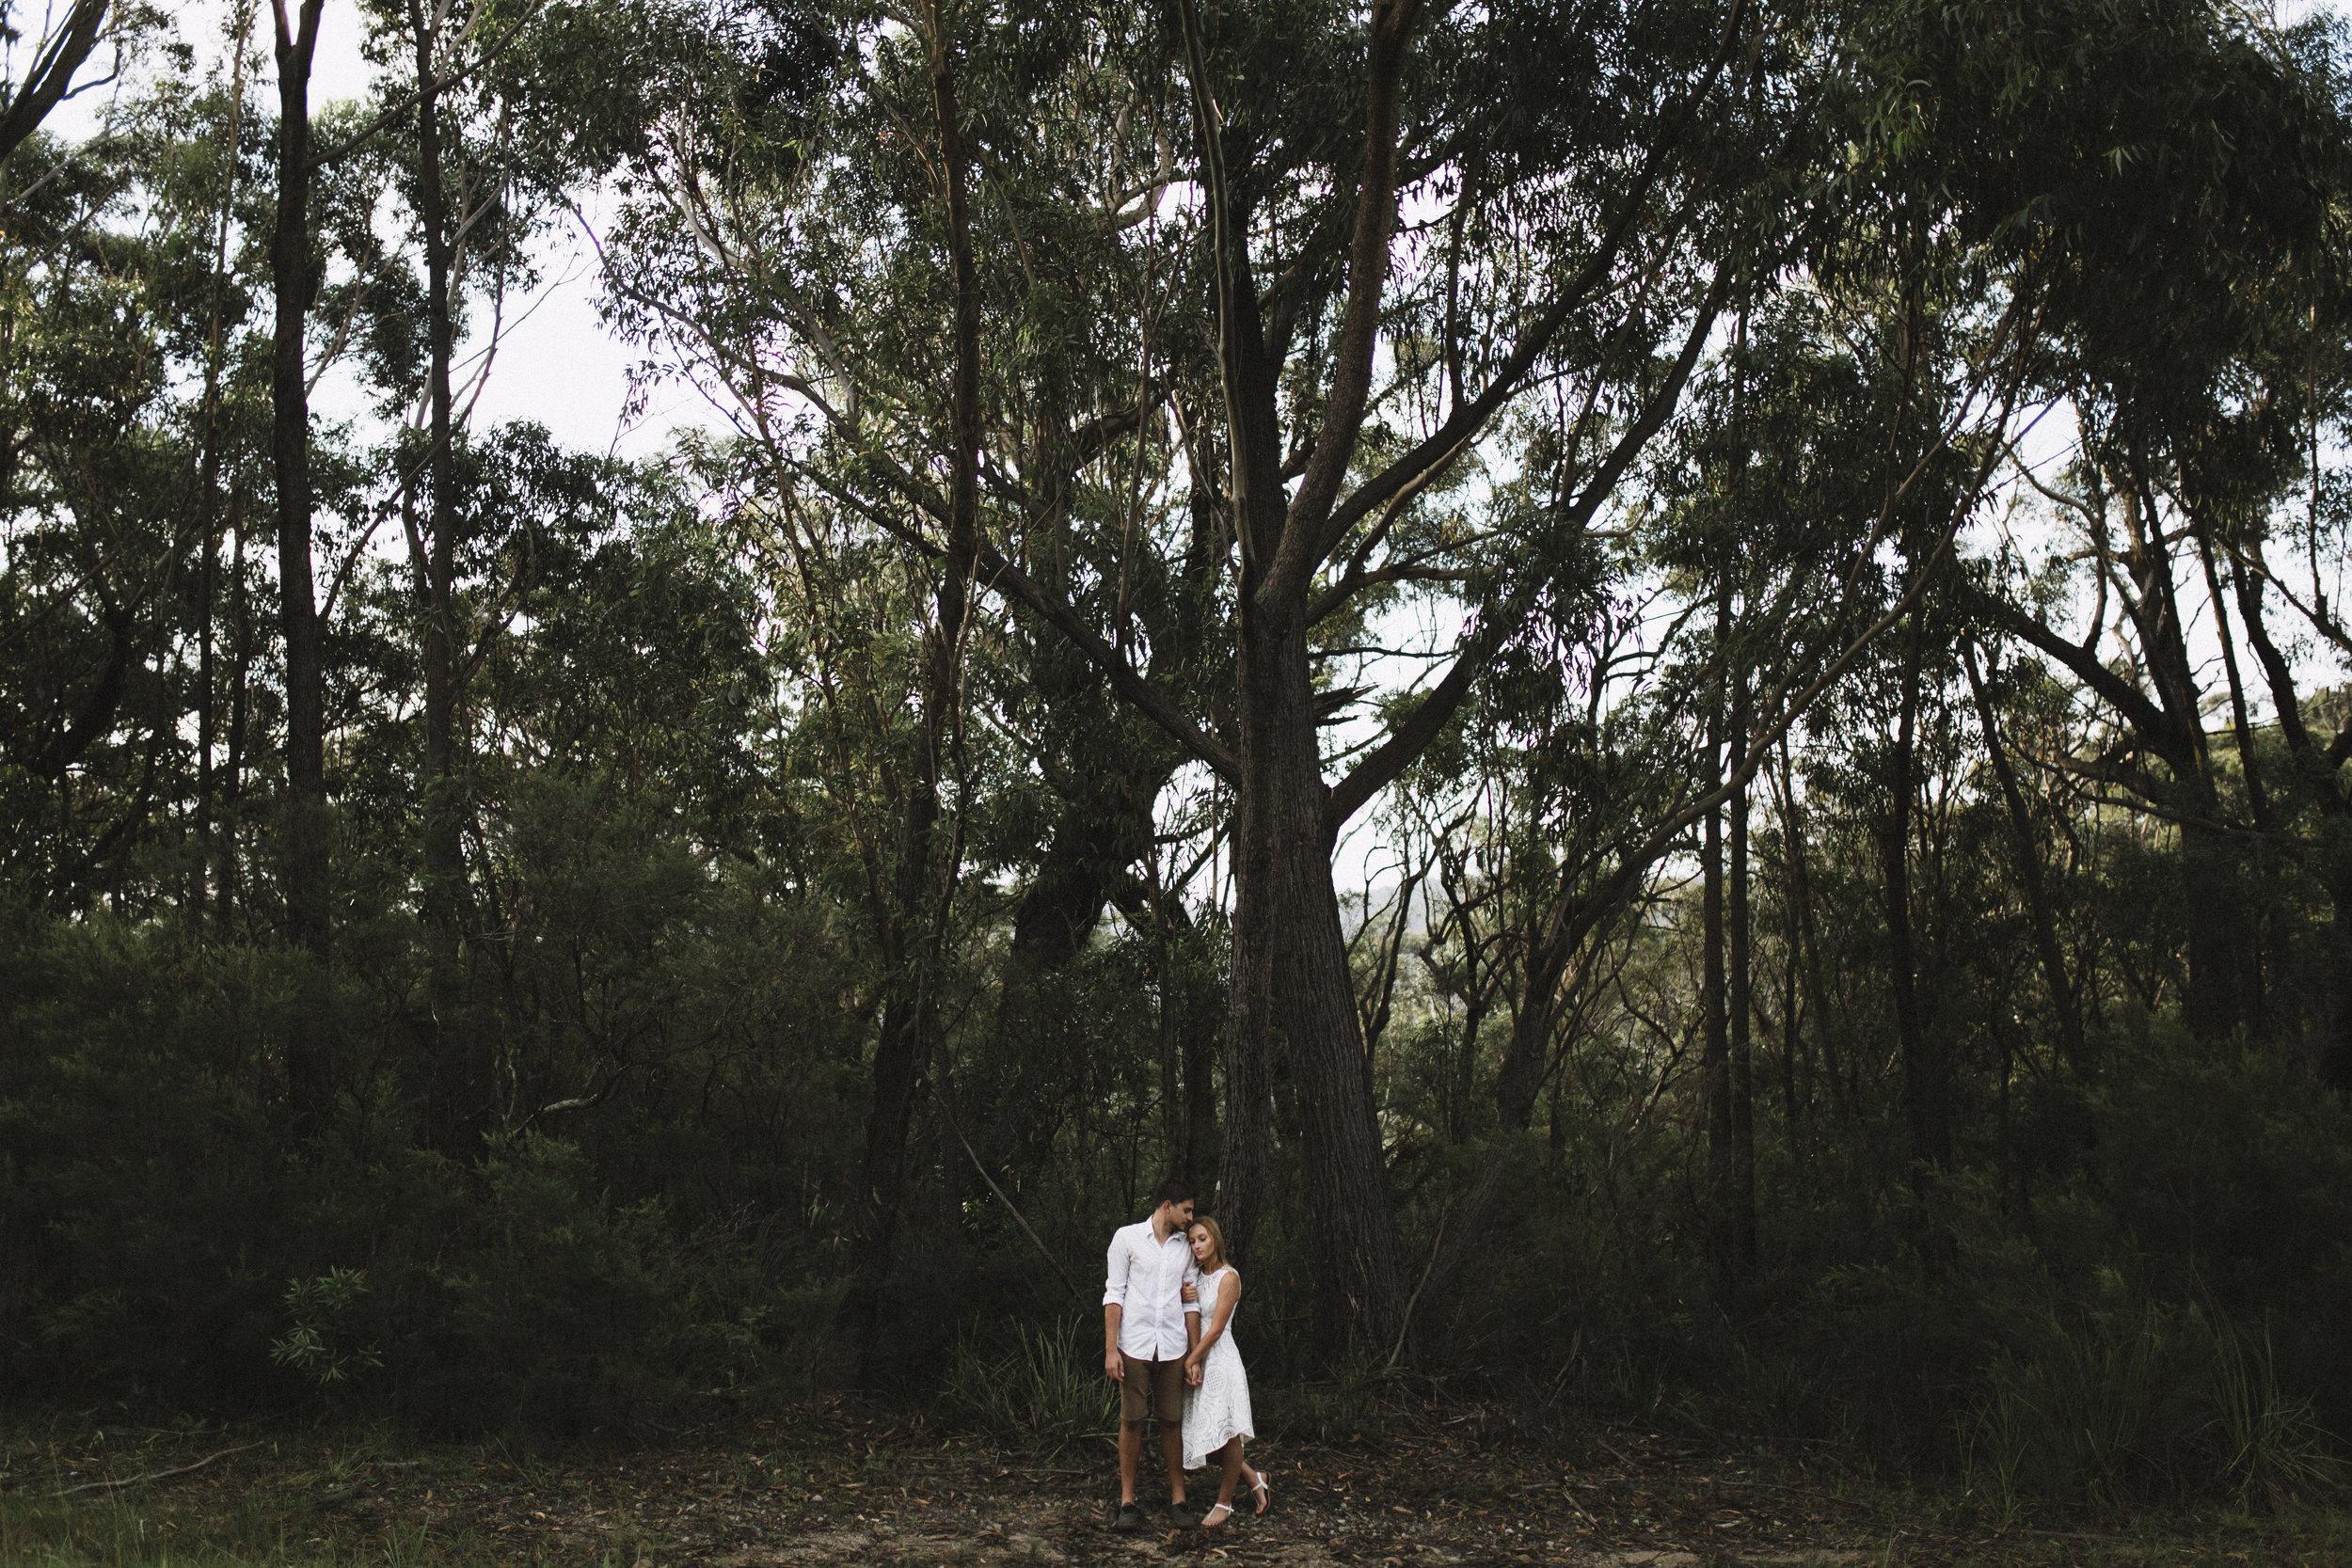 K&J_ElizaJadePhotography-31.jpg